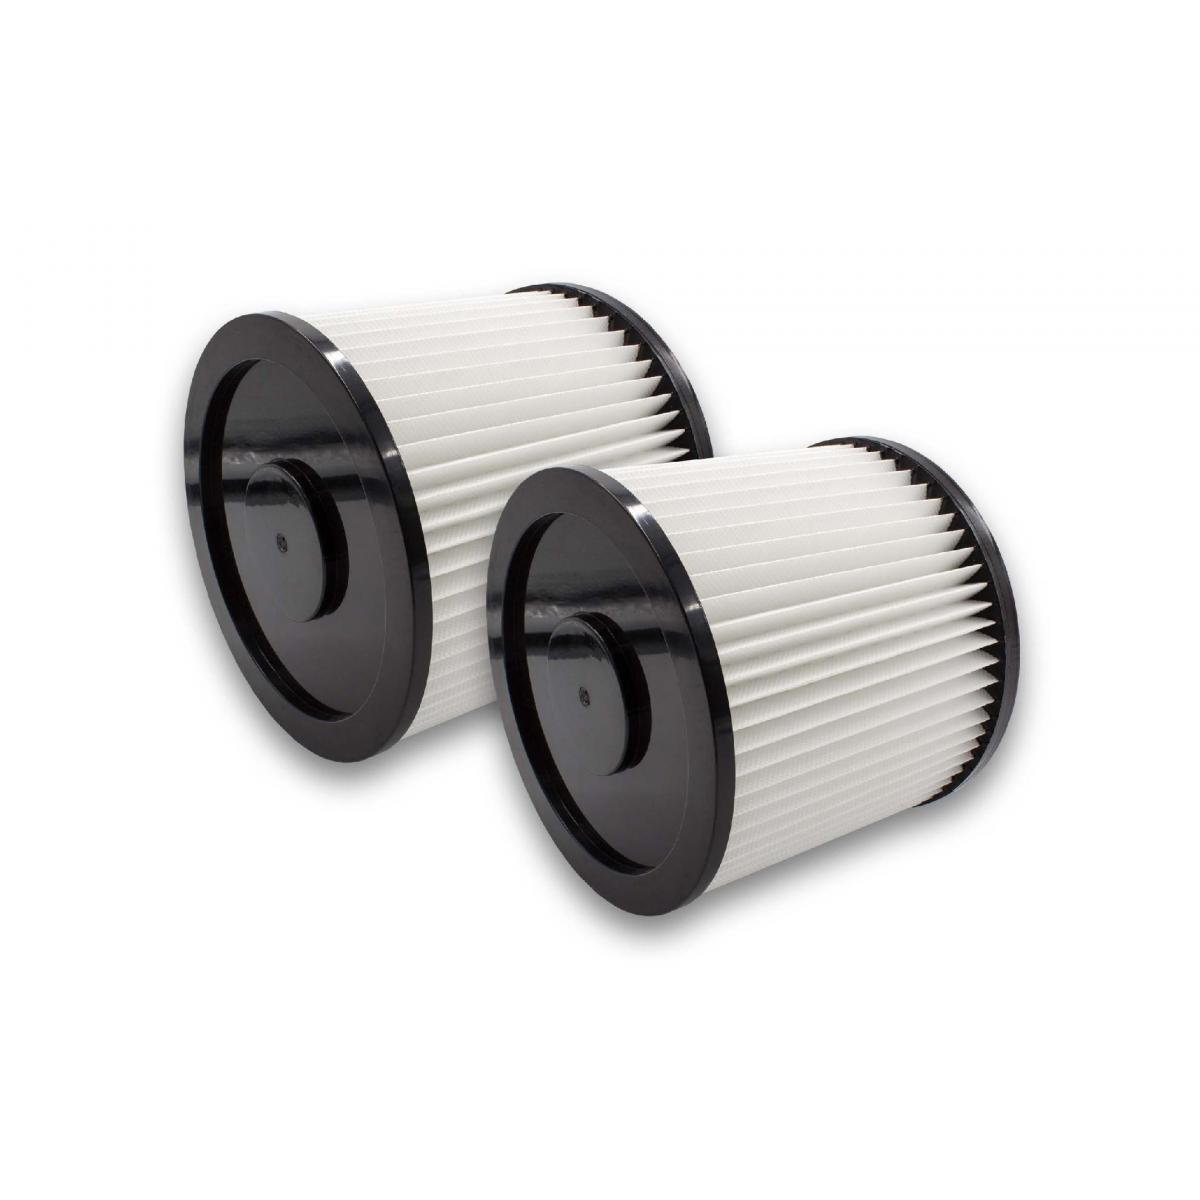 Vhbw vhbw 2x Filtre rond pour aspirateur compatible avec Rowenta Collecto RB 57, RB 60, RB 61, RB 70, RB 700 remplacement pou